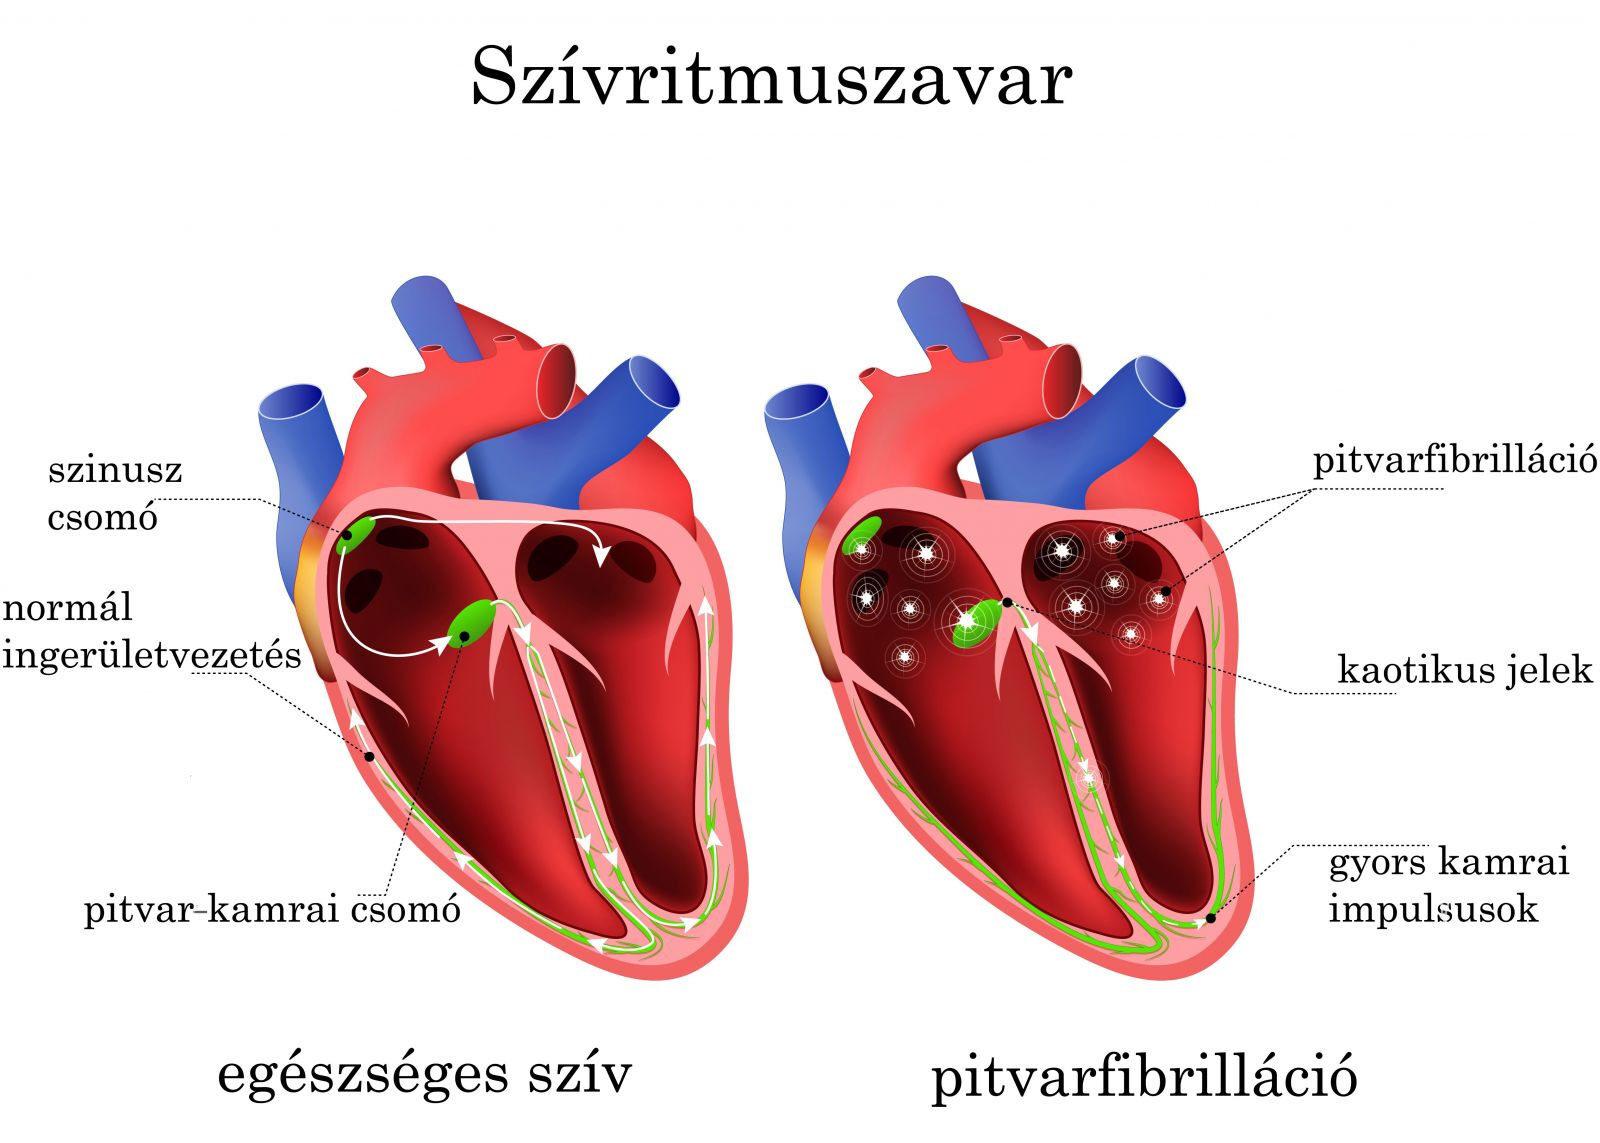 szívritmuszavar magas vérnyomás esetén